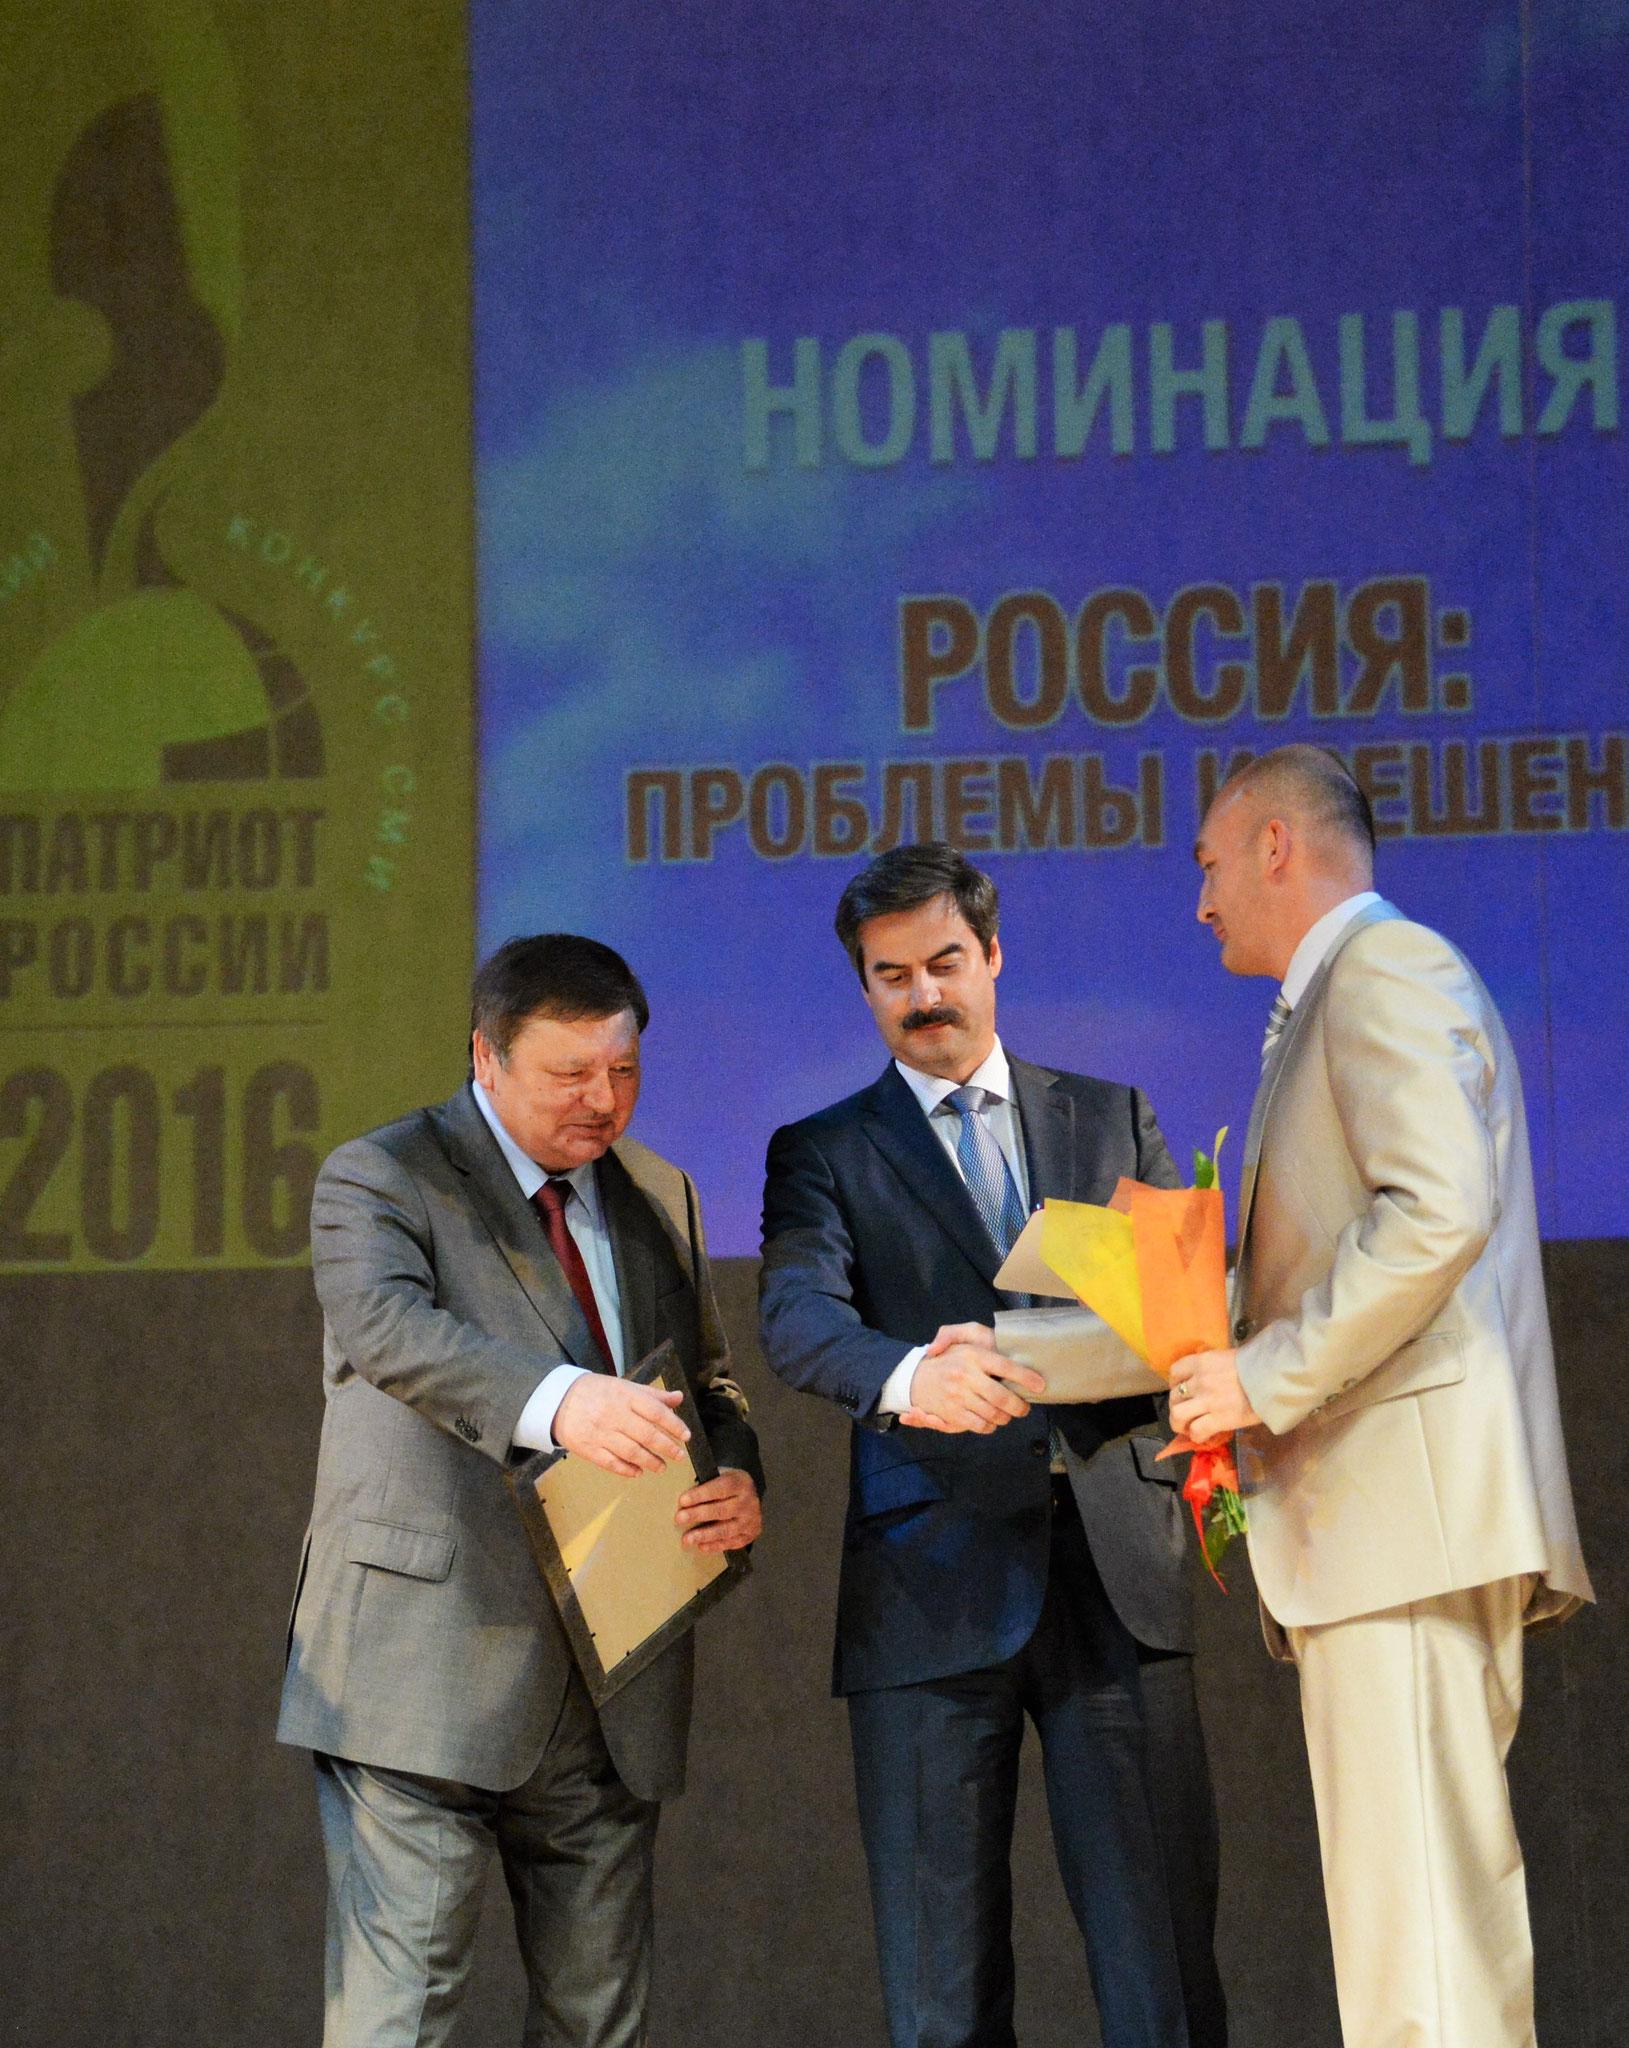 Патриот России-2016, награждение победителей (Владимир Кикнадзе), Челябинск, 28 июля 2016 г.